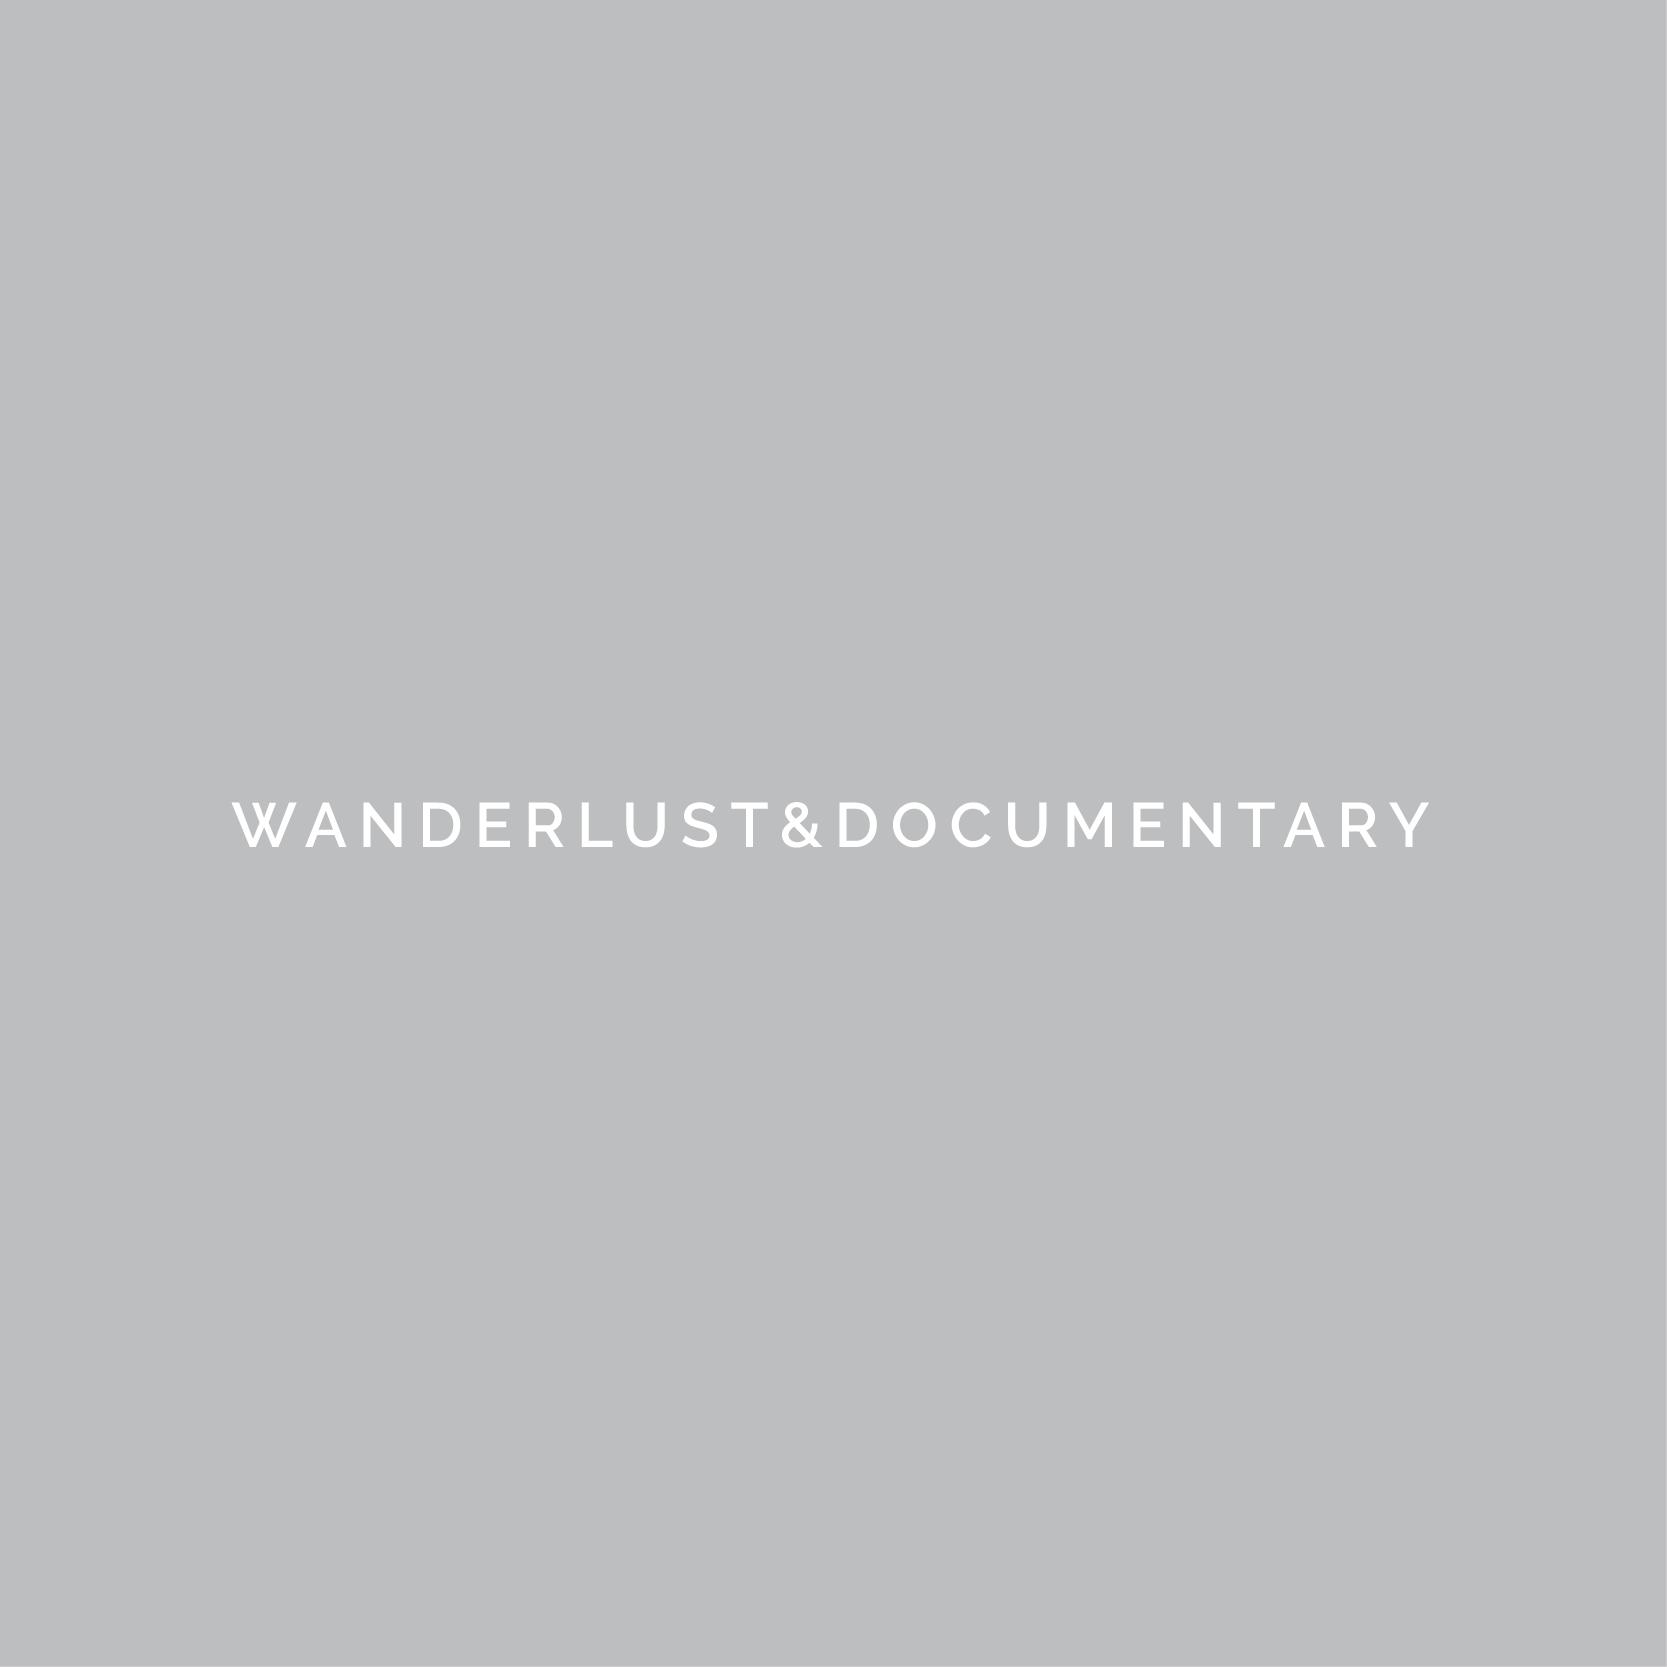 wand-03